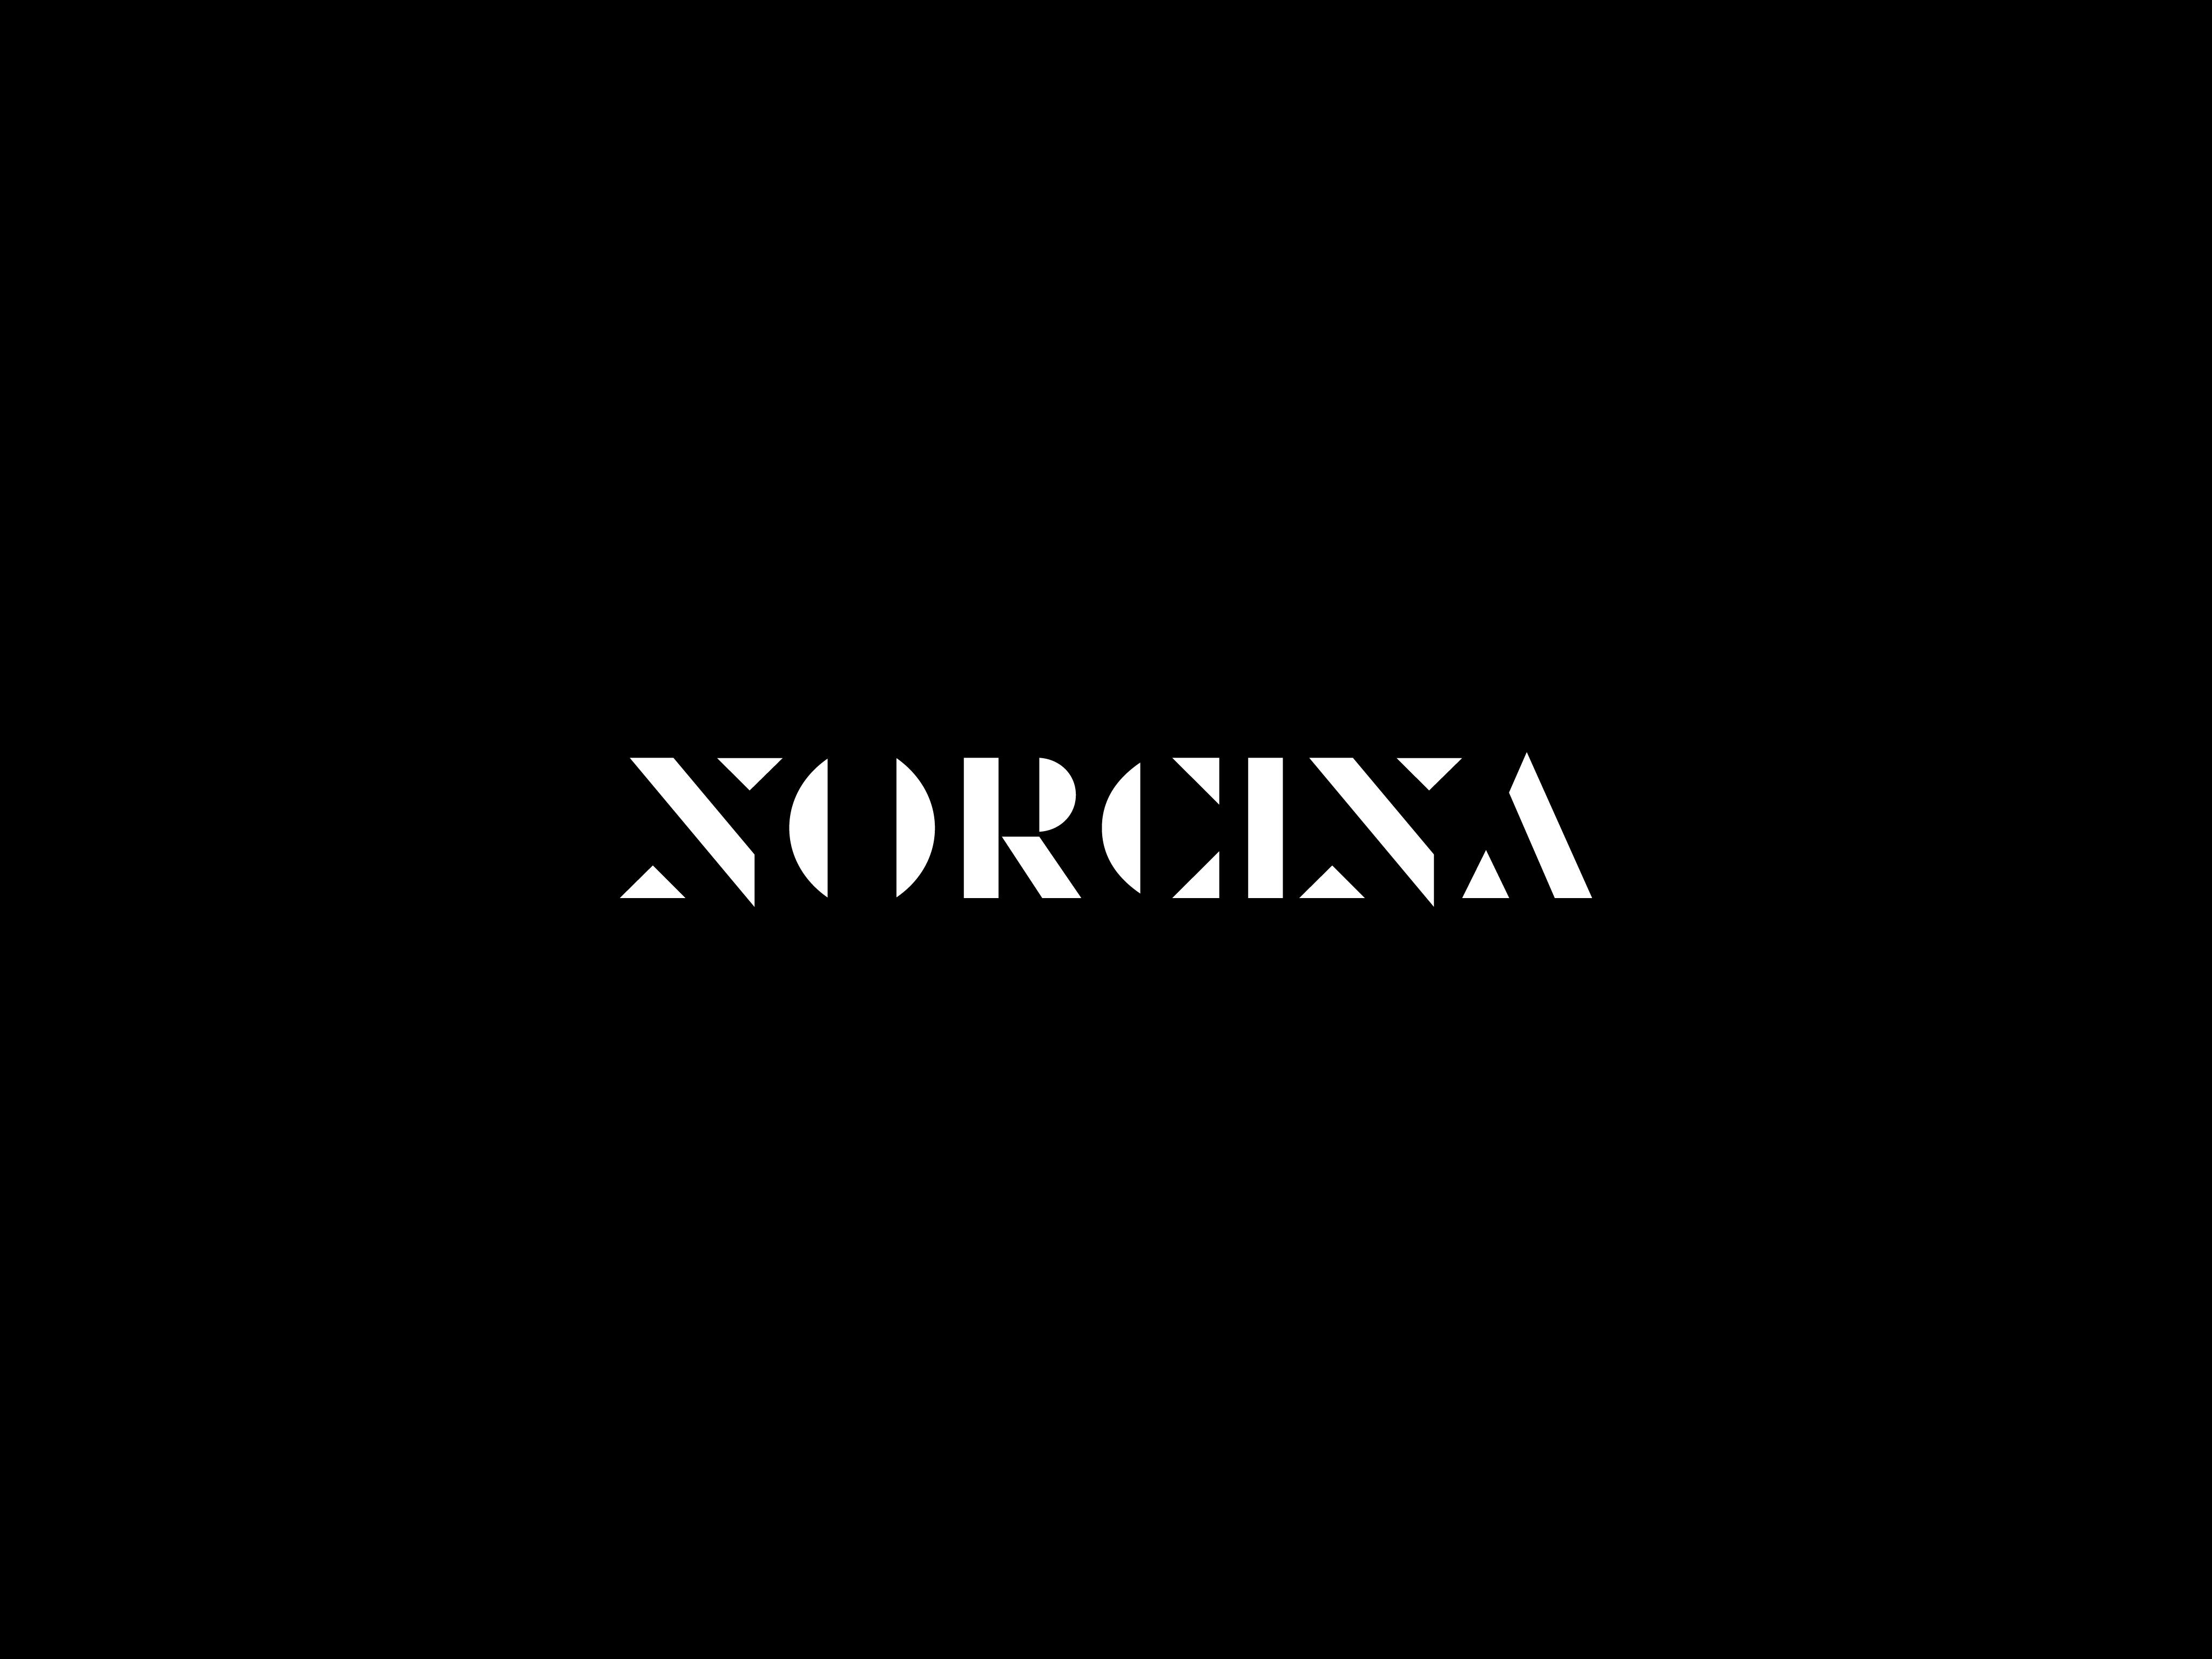 norcina@2x